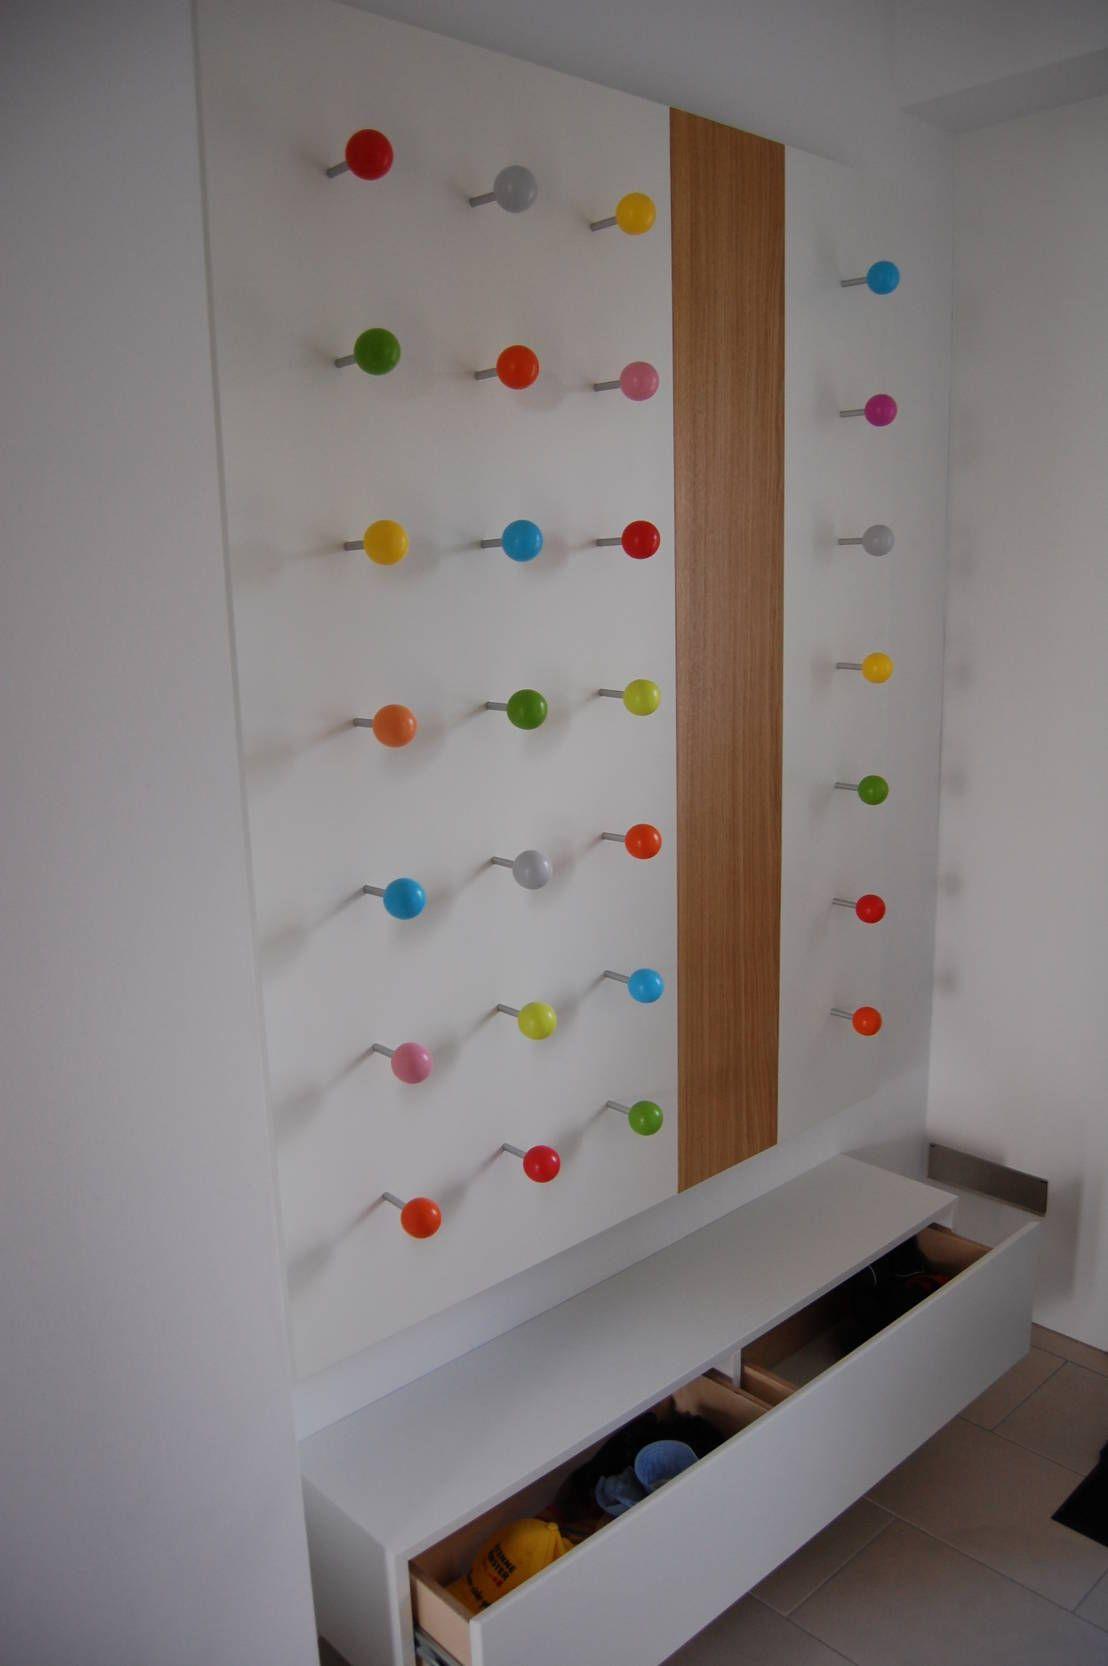 Einzigartig Garderobenhaken Kinderzimmer Galerie Von Garderobe Für Kinder By Tricform : Moderne